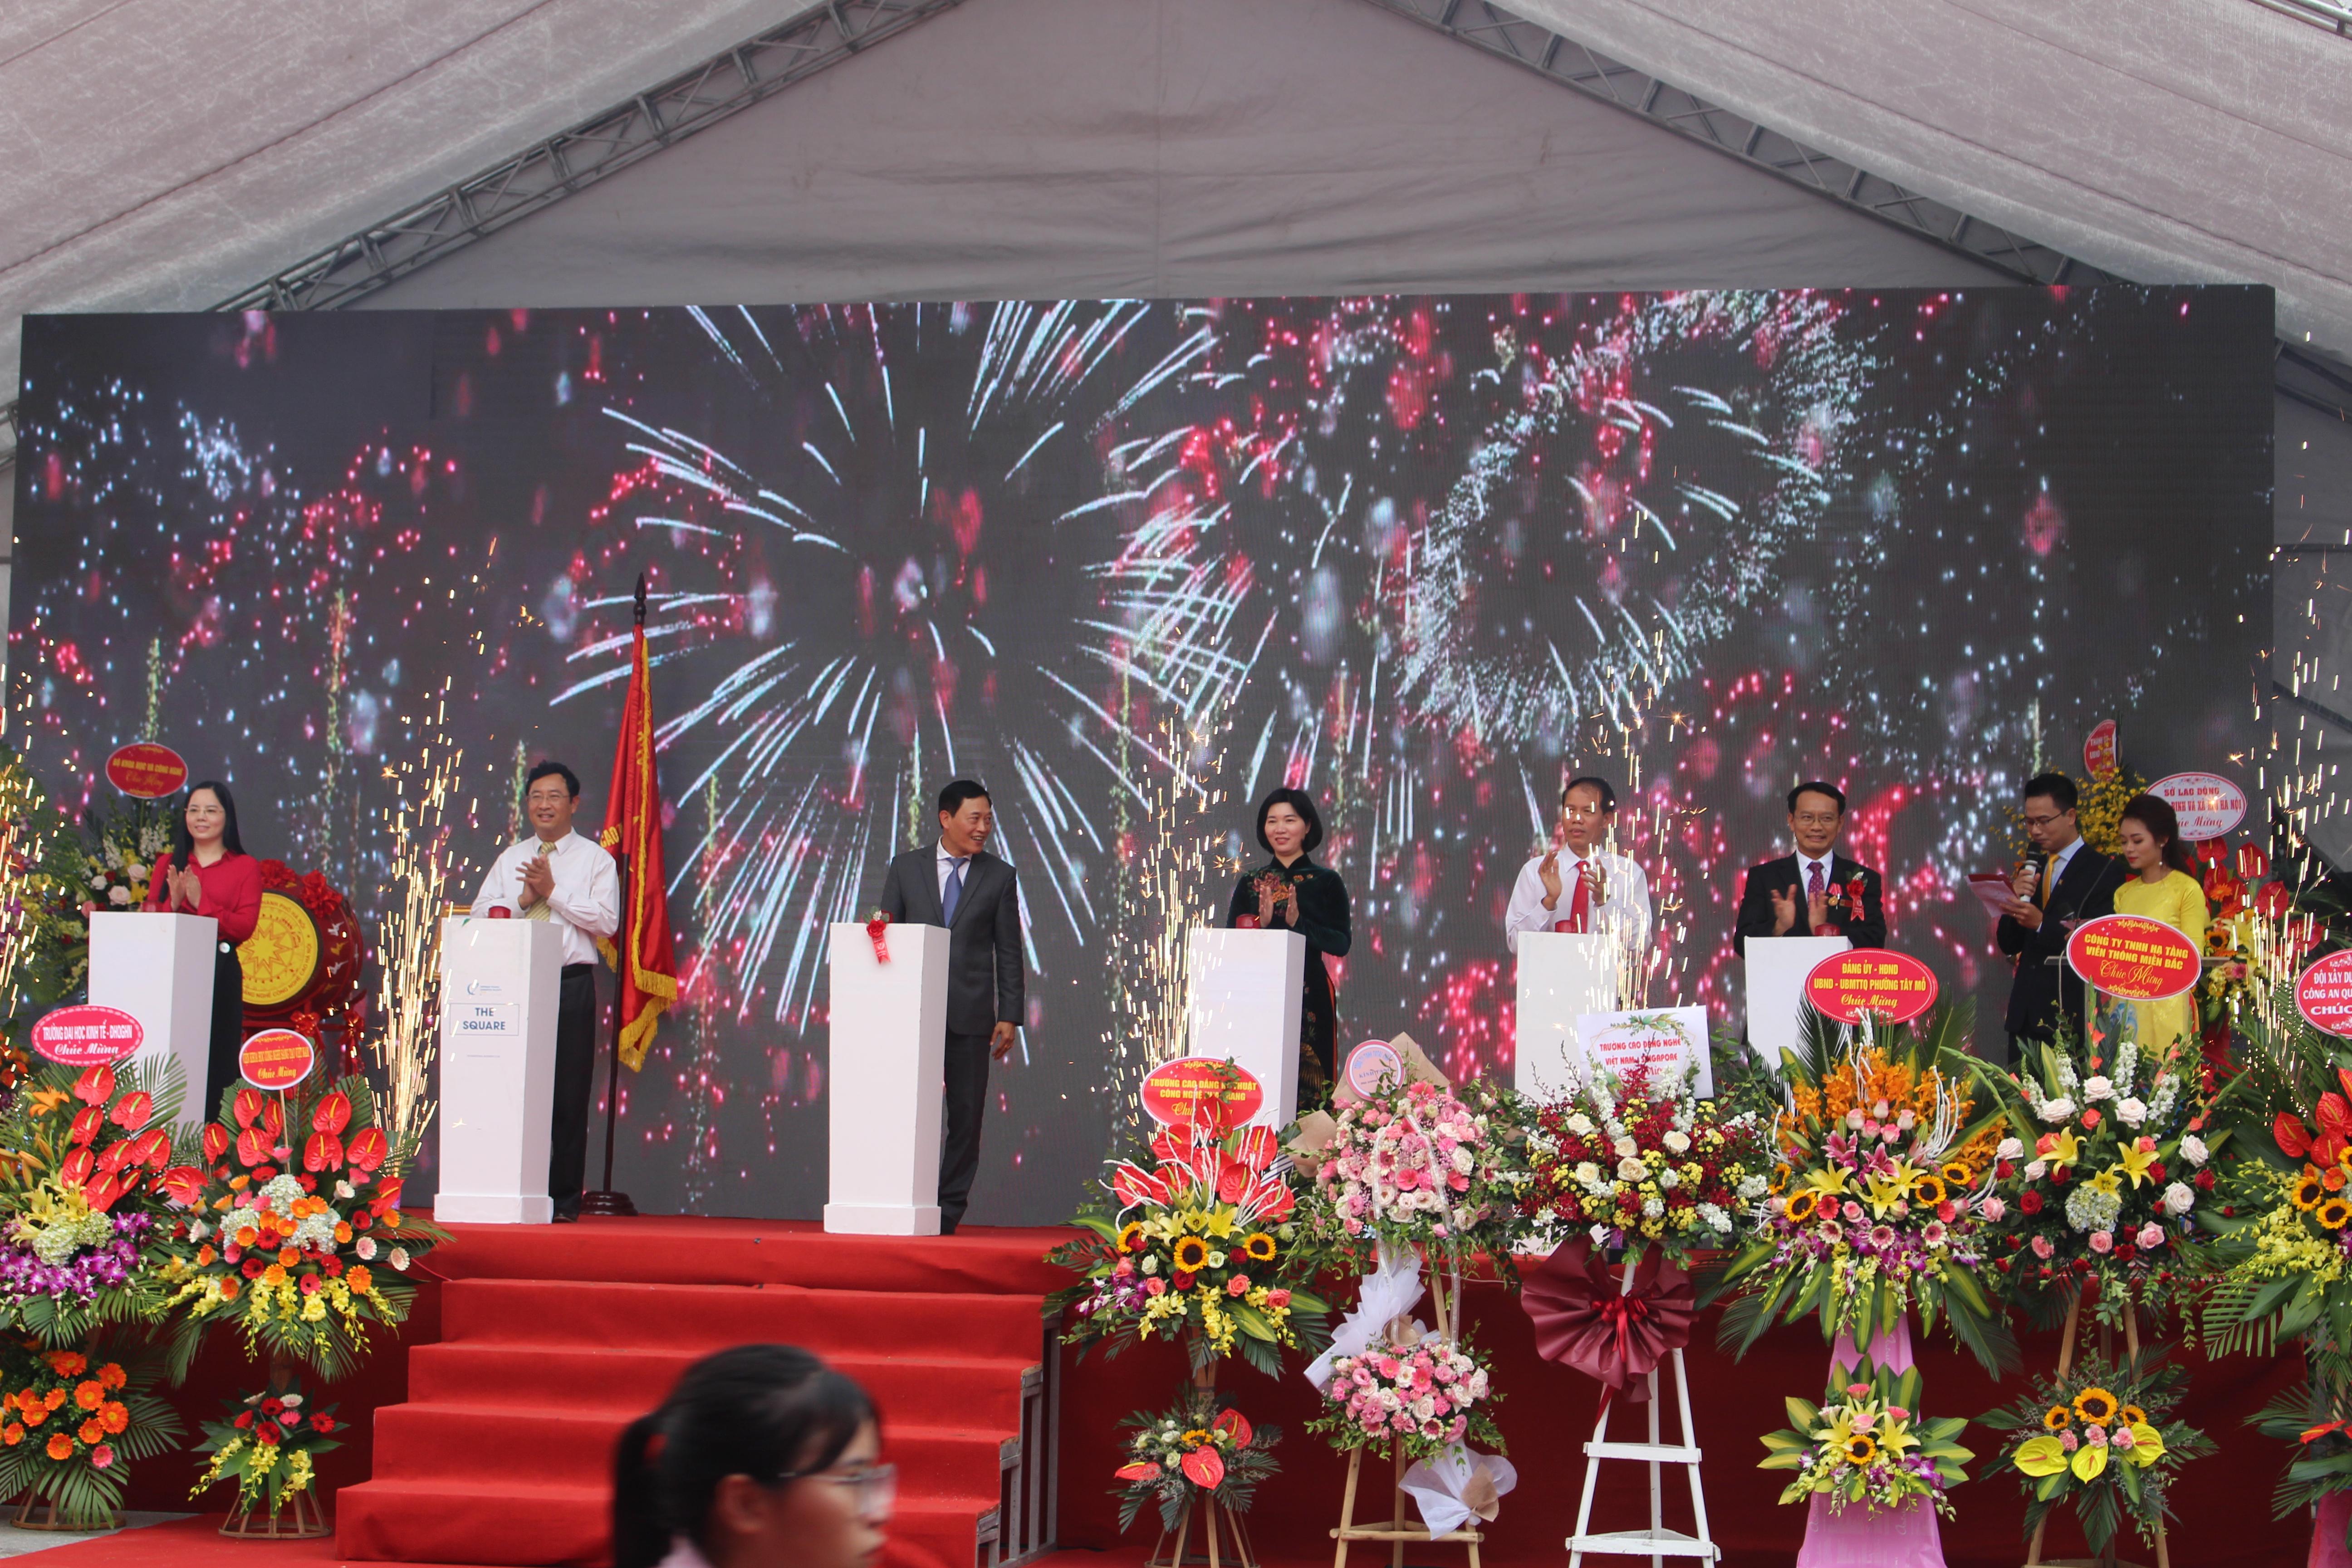 1. Lãnh đạo Tổng cục GDNN, lãnh đạo Bộ Khoa học - Công nghệ, lãnh đạo HĐND thành phố Hà Nội ấn nút khai mạc Techfest 2019